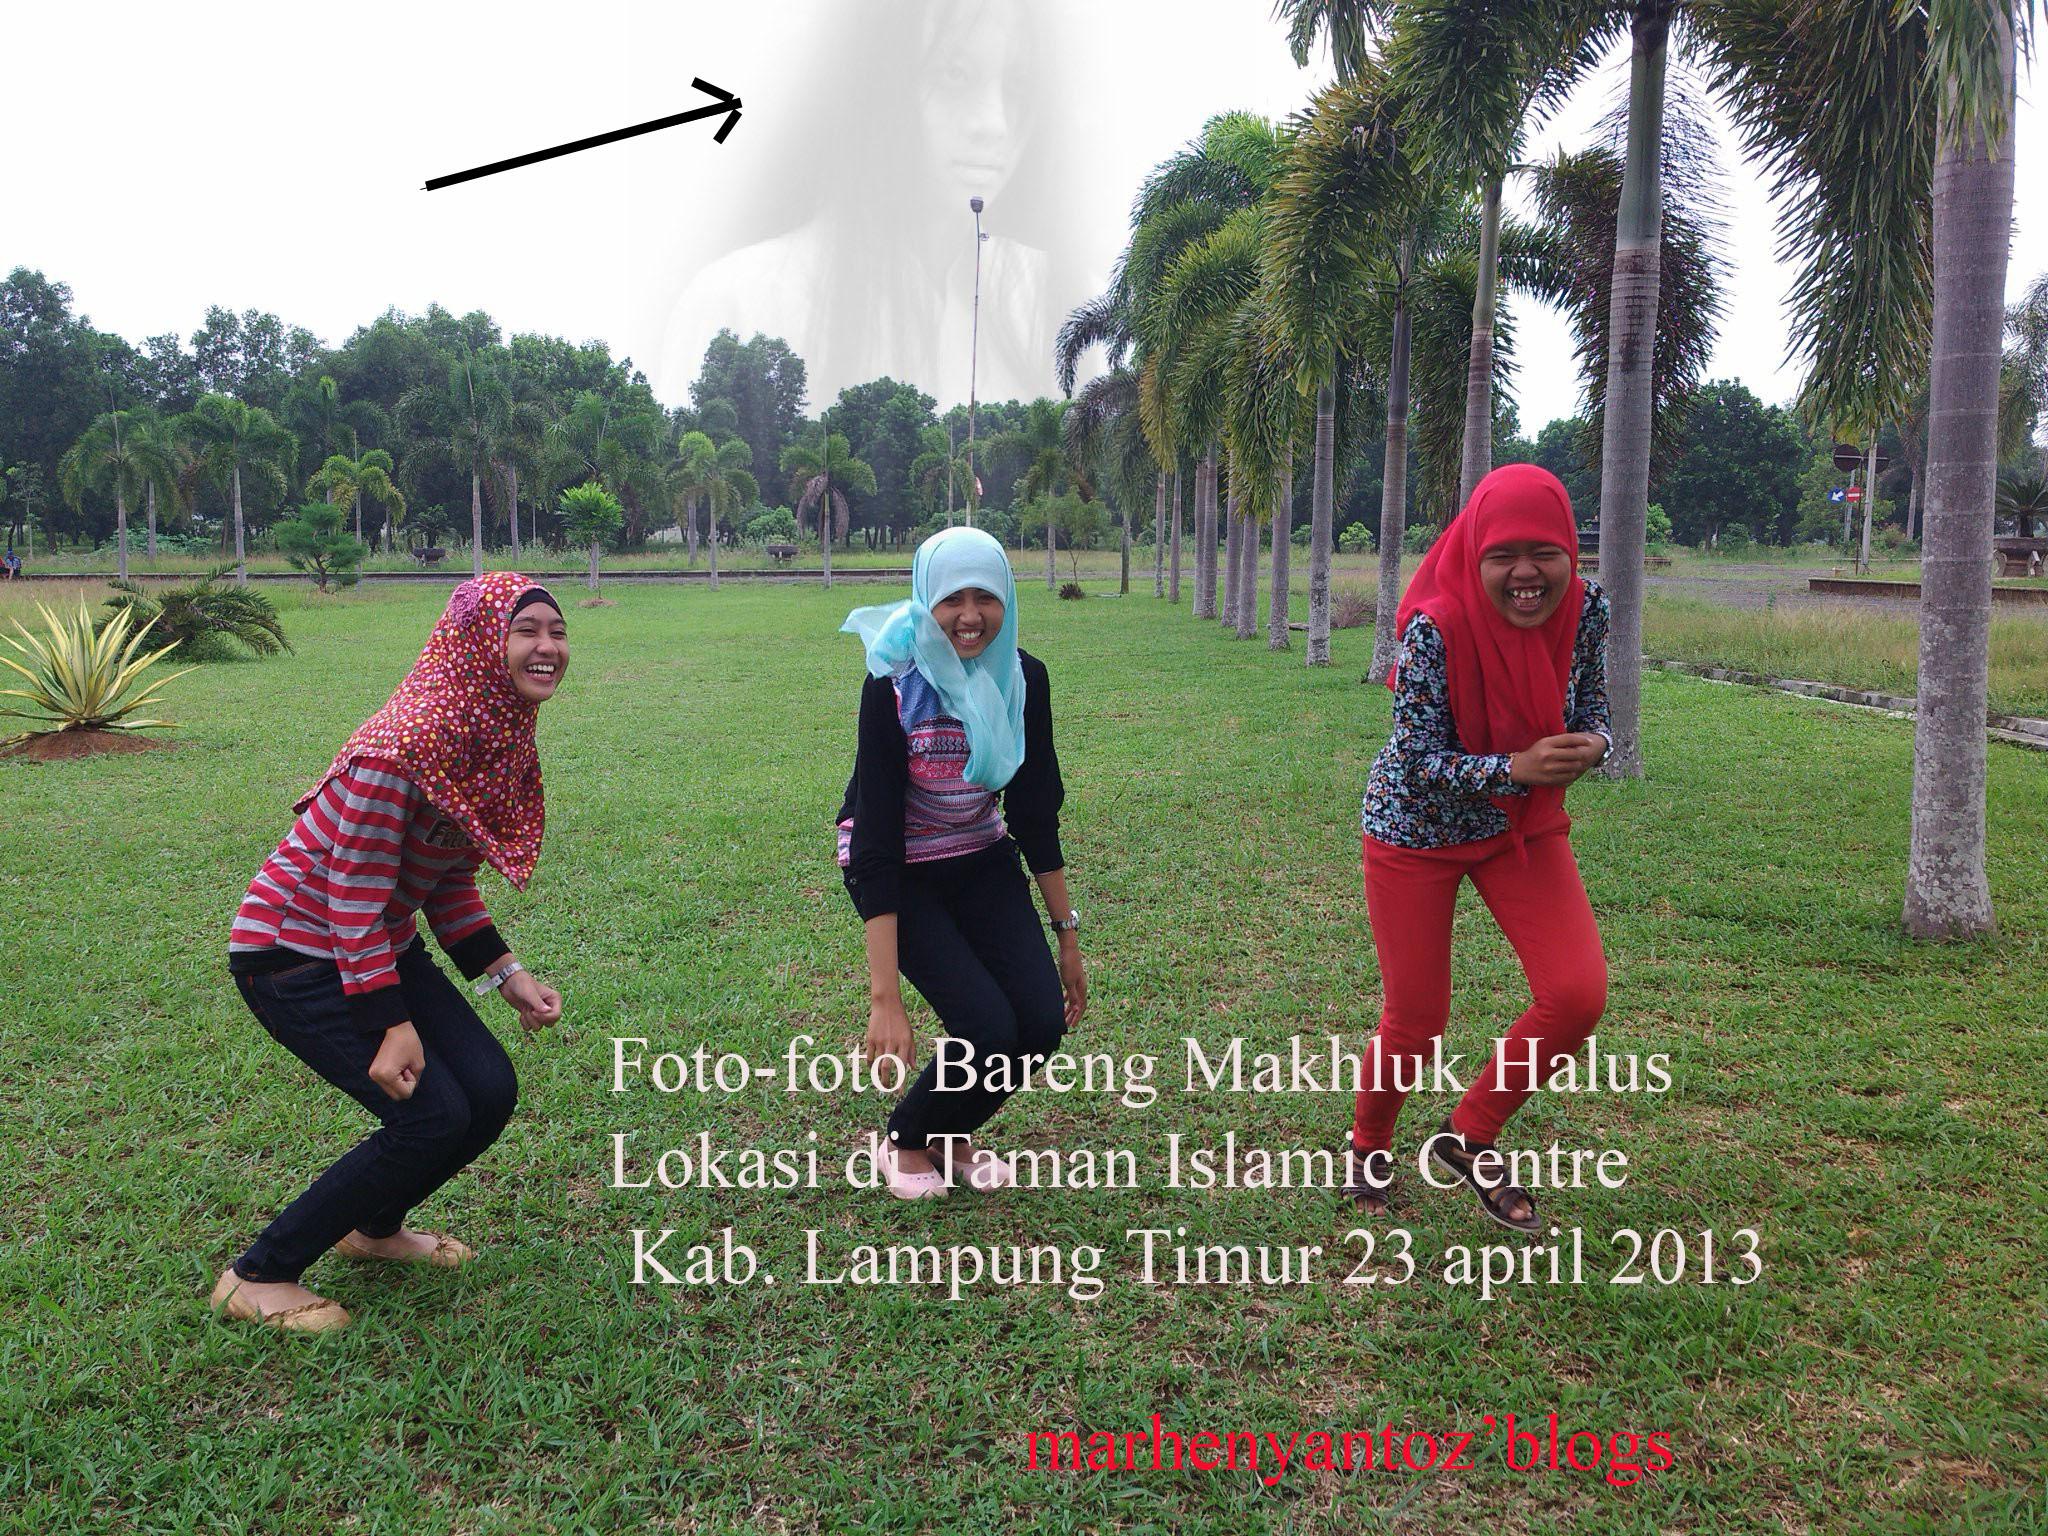 Heboh Penampakan Makhluk Halus Marhenyantoz S Blog